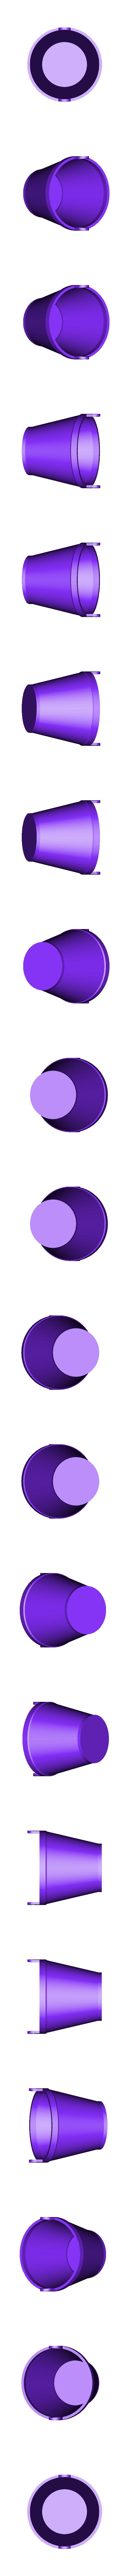 bucket.stl Télécharger fichier STL gratuit Seau • Objet imprimable en 3D, bofl